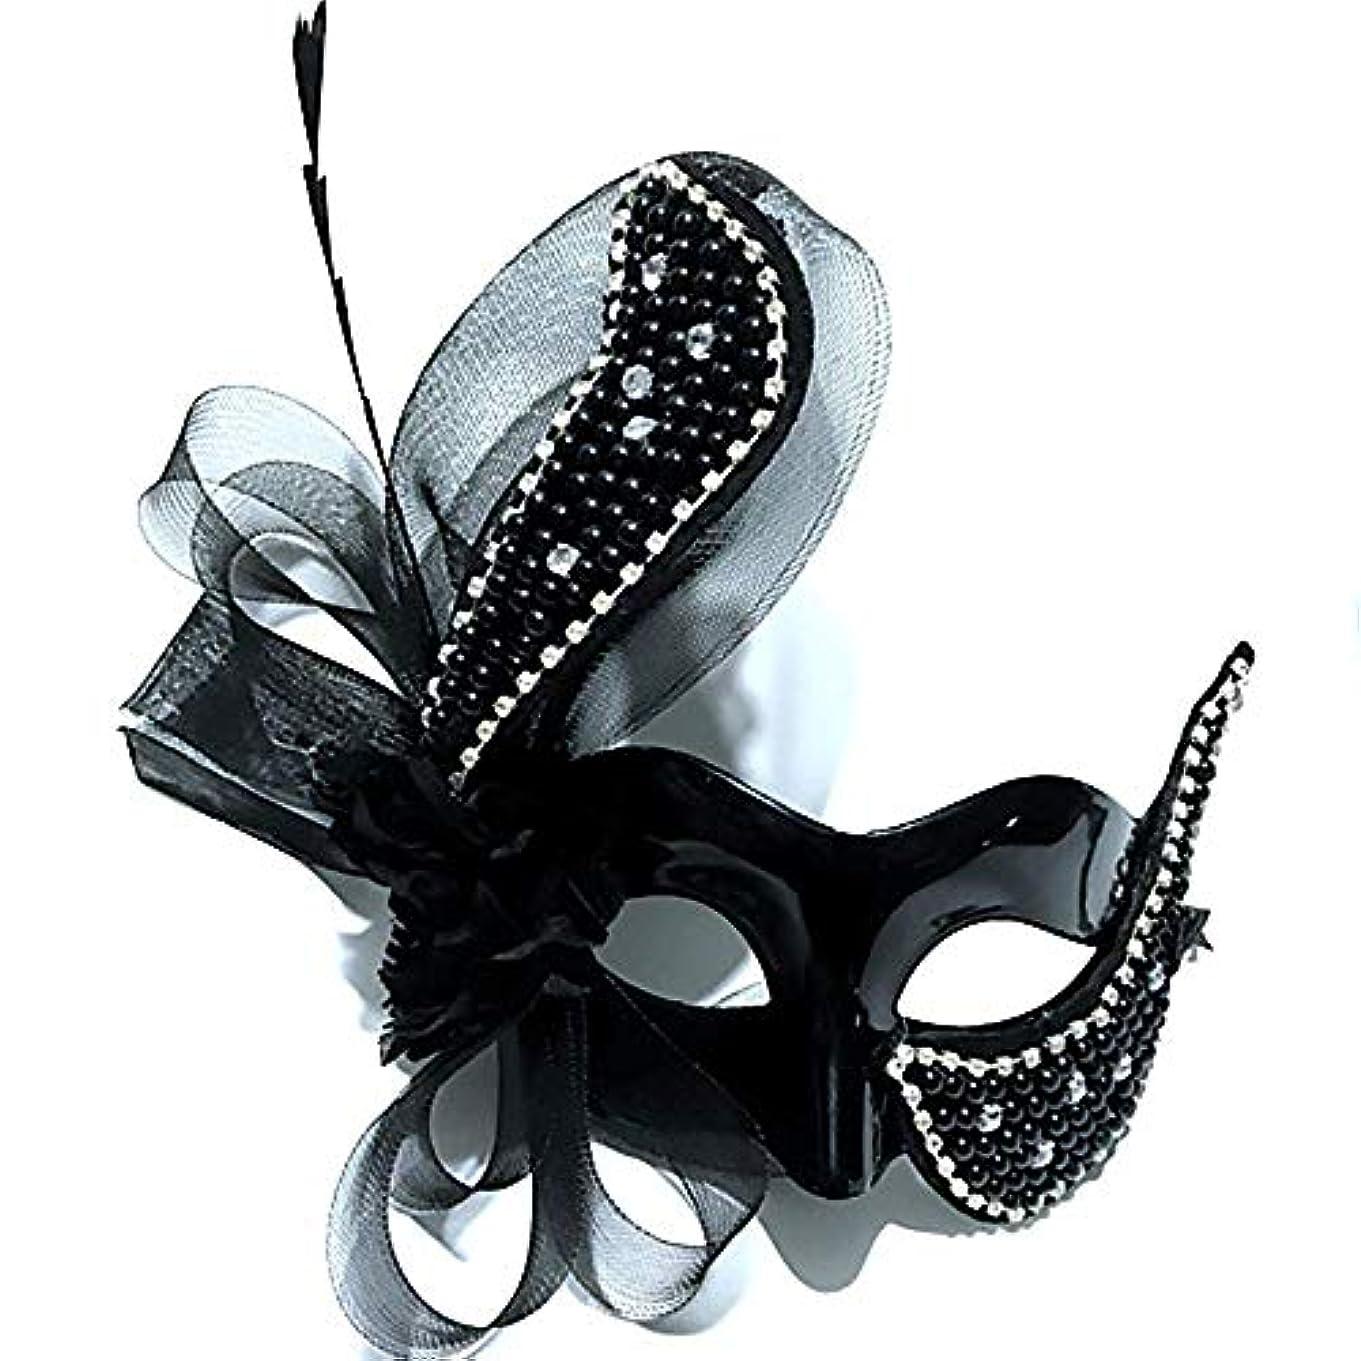 汚物物足りない項目Nanle ハロウィーンヴィンテージフェザーラインストーンマスク仮装マスクレディミスプリンセス美容祭パーティー装飾マスク